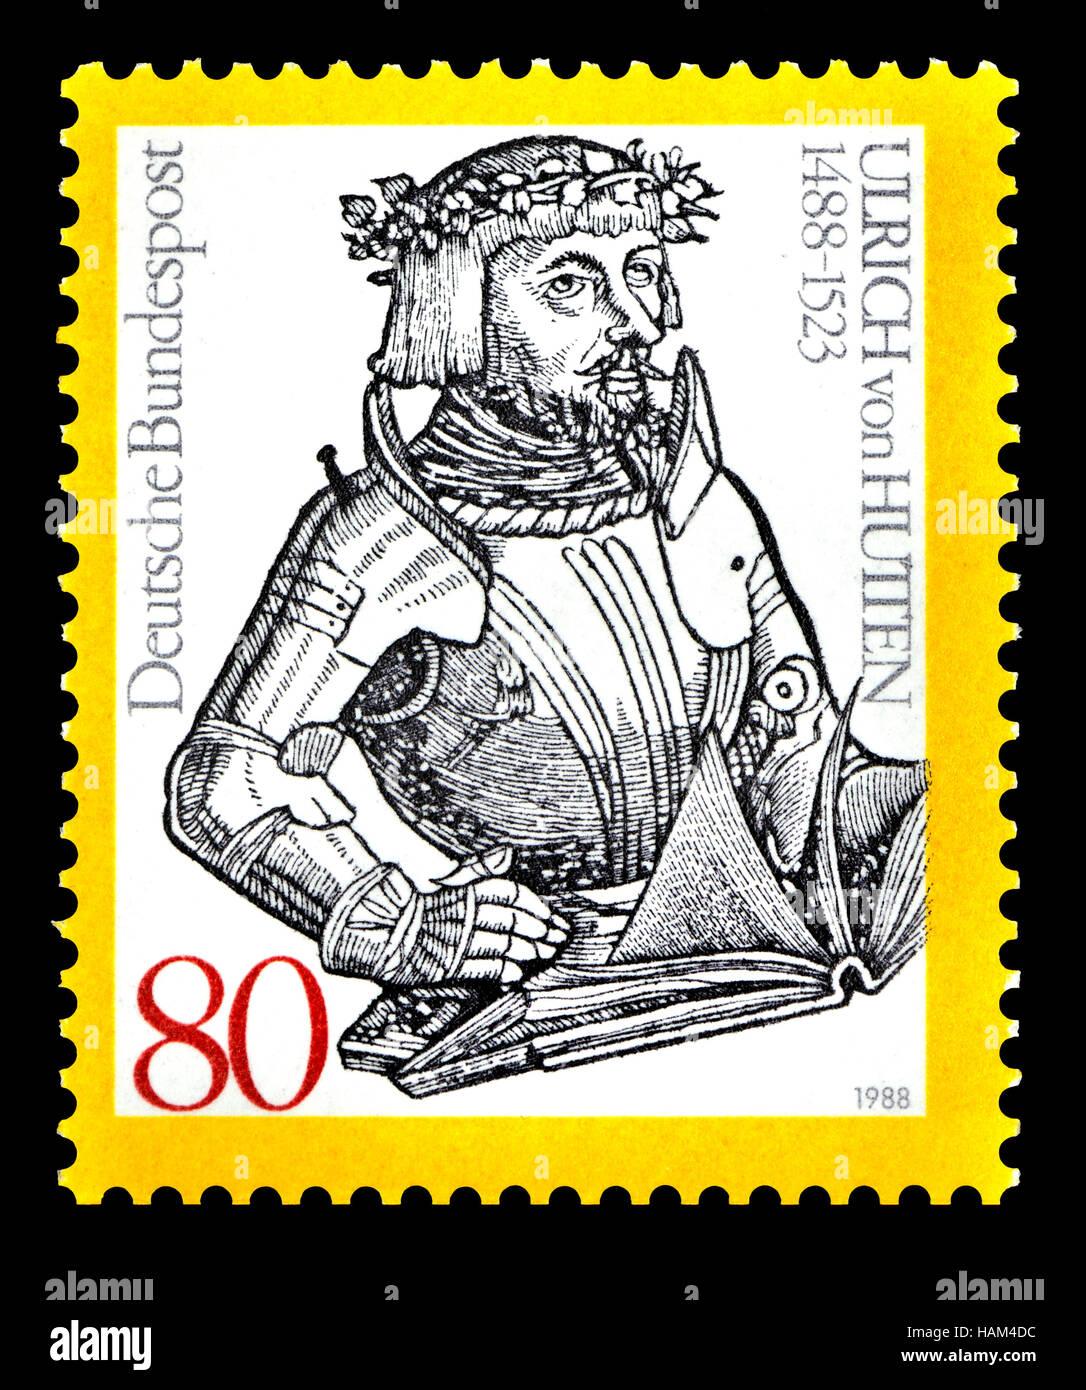 German postage stamp (1988) : Ulrich von Hutten (1488 – 1523) German scholar, poet, satirist, reformer. and outspoken - Stock Image